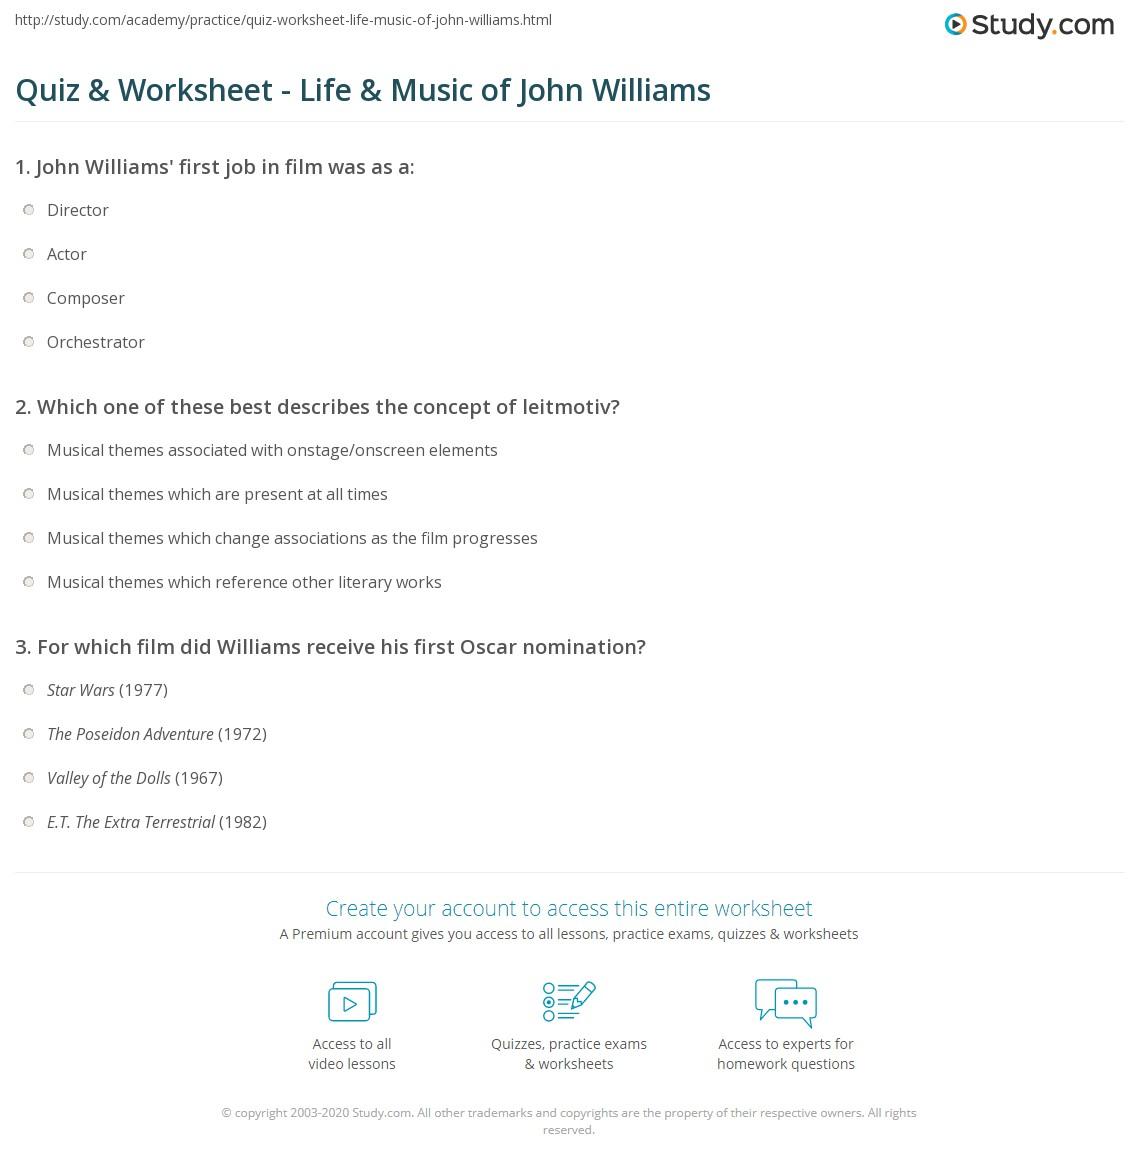 Worksheets Music Composer Worksheets Cheatslist Free Worksheets For Kids Amp Printable